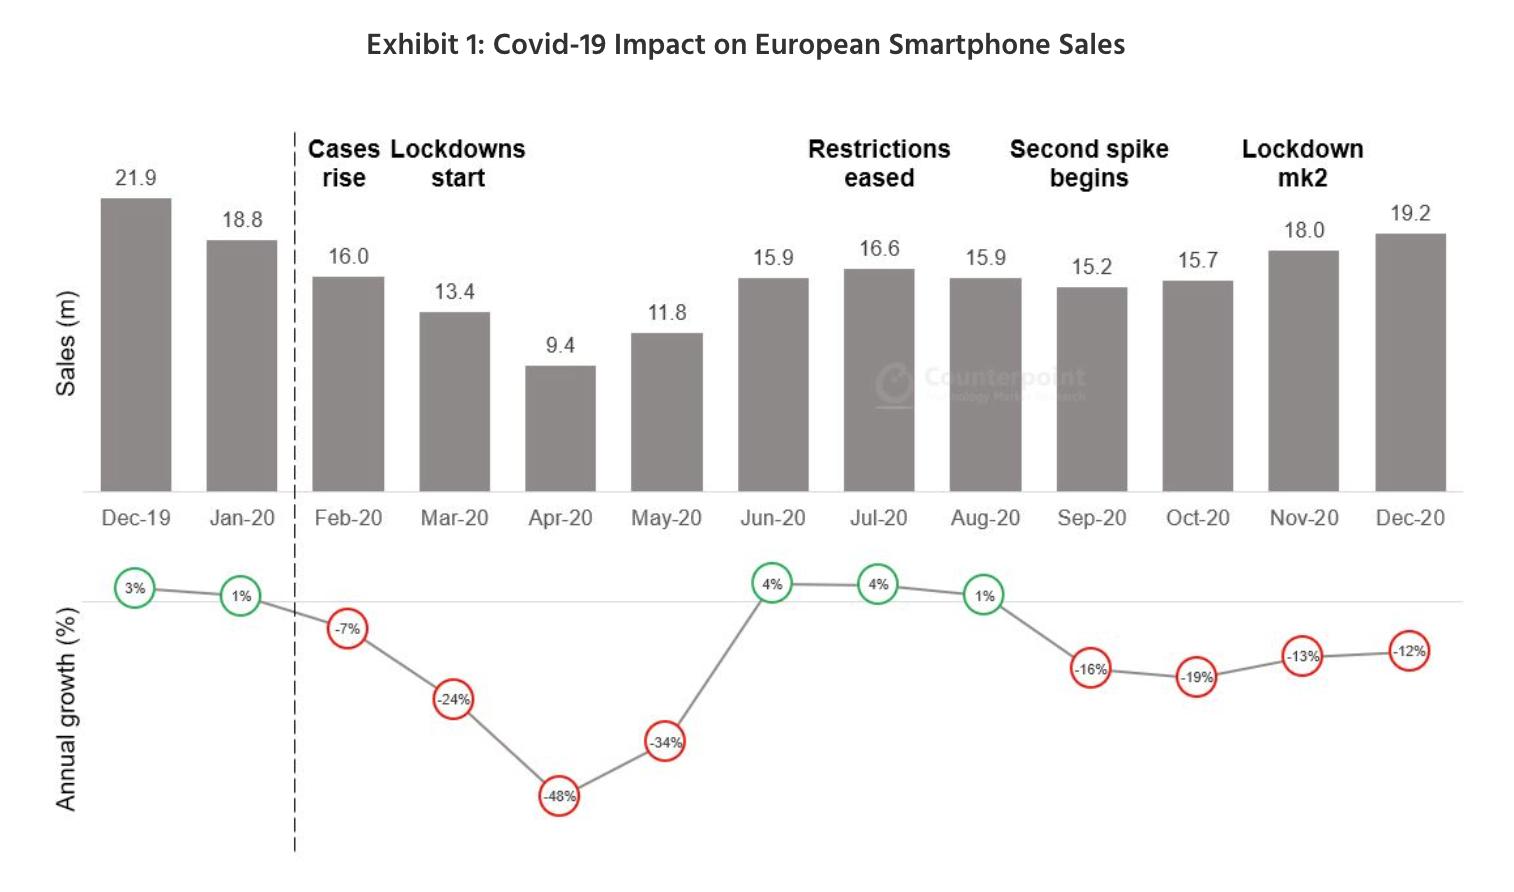 Näin älypuhelinmyynti kehittyi Euroopassa läpi vuoden 2020 tutkimusyhtiö Counterpoint Researchin mukaan.